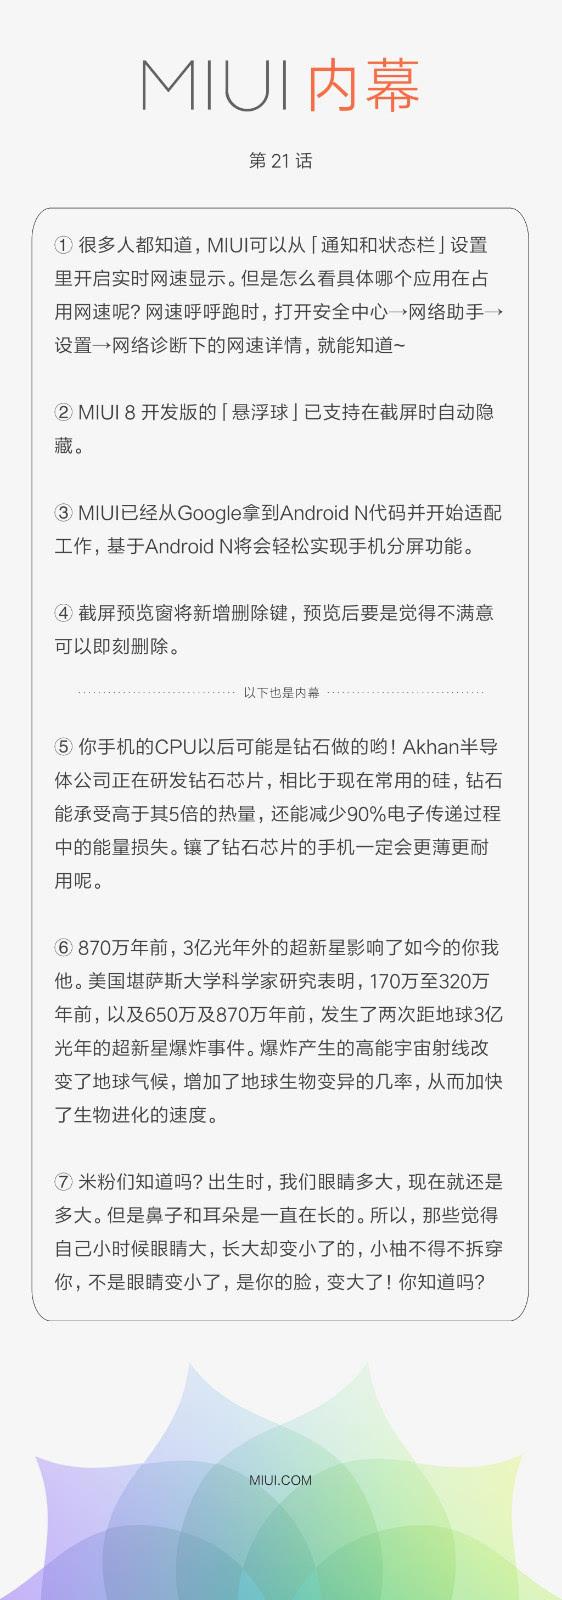 小米自曝全新MIUI:Android 7.0来了的照片 - 2